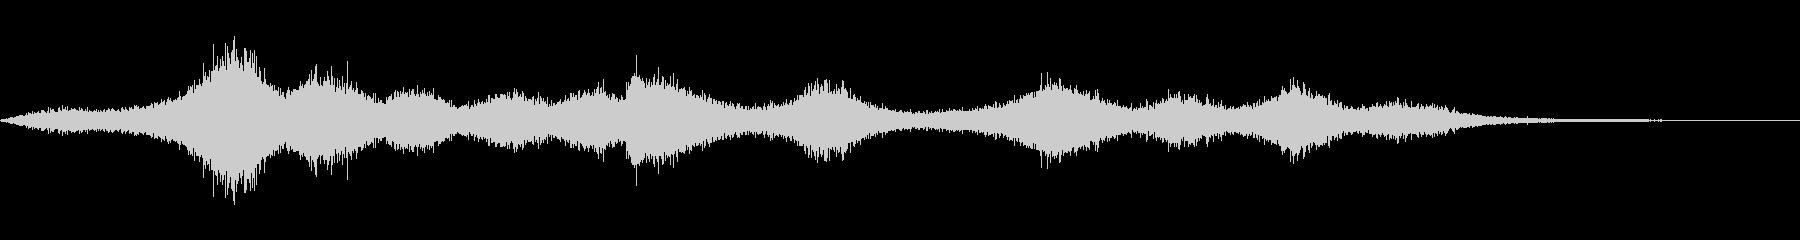 【生録音】 早朝の街 交通 環境音 29の未再生の波形